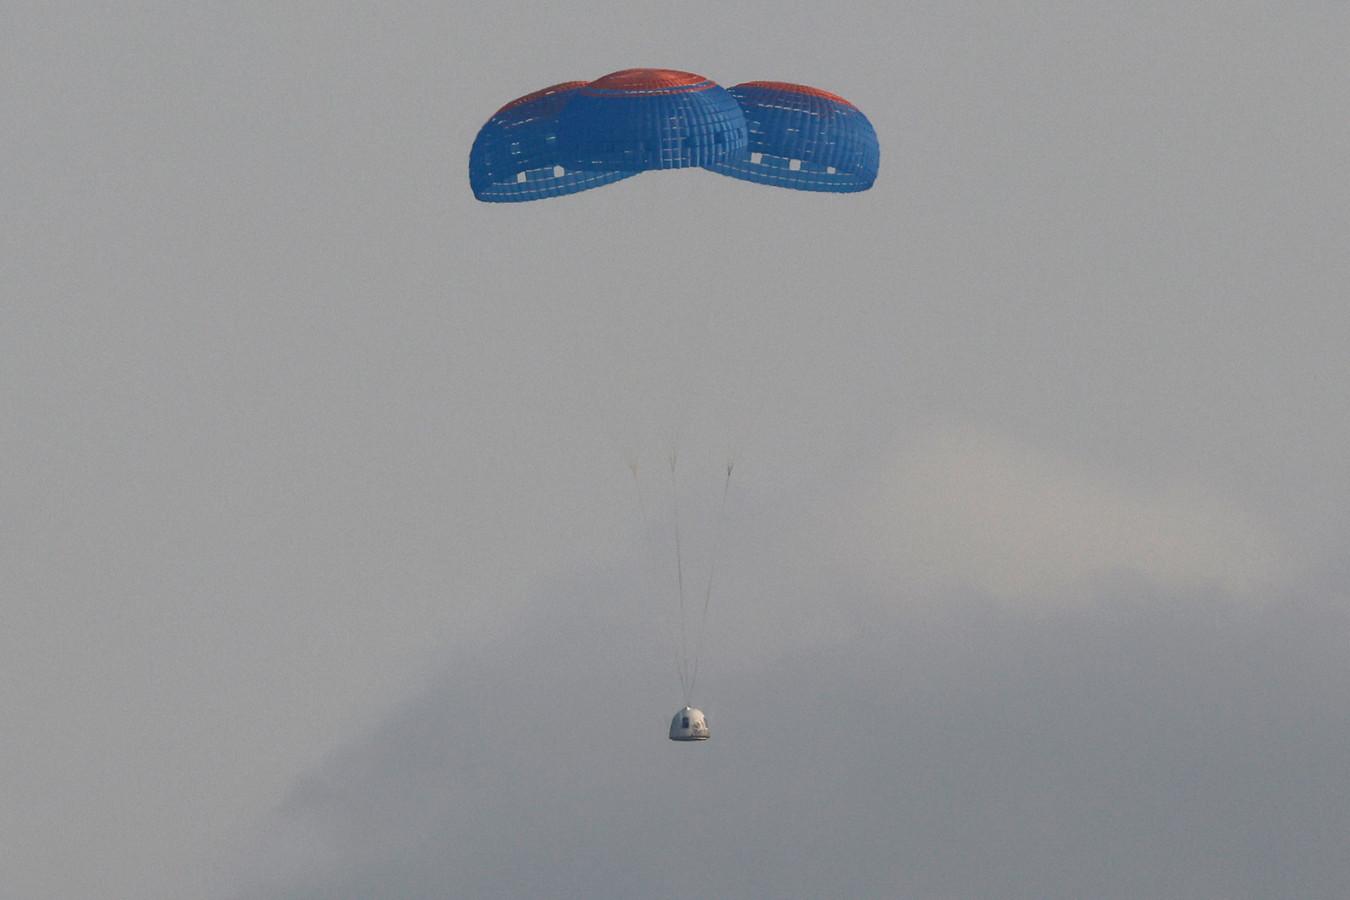 La capsule transportant Jeff Bezos et trois membres d'équipage revient en parachute après leur vol à bord de la fusée New Shepard de Blue Origin près de Van Horn, au Texas, aux États-Unis, le 20 juillet 2021.